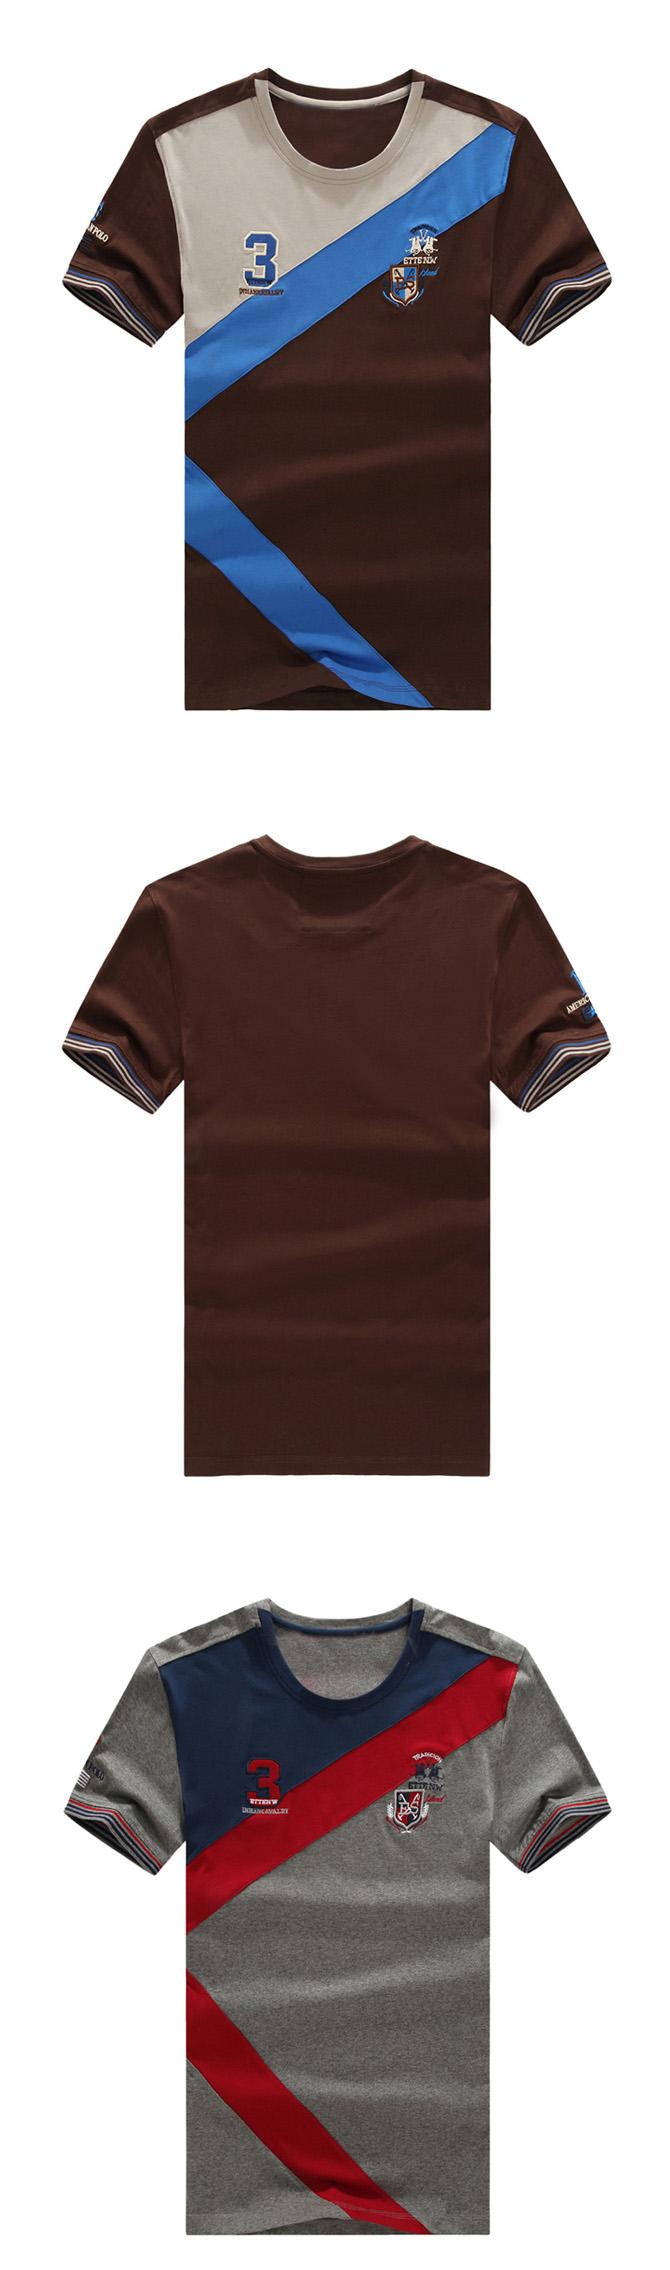 文化衫款式